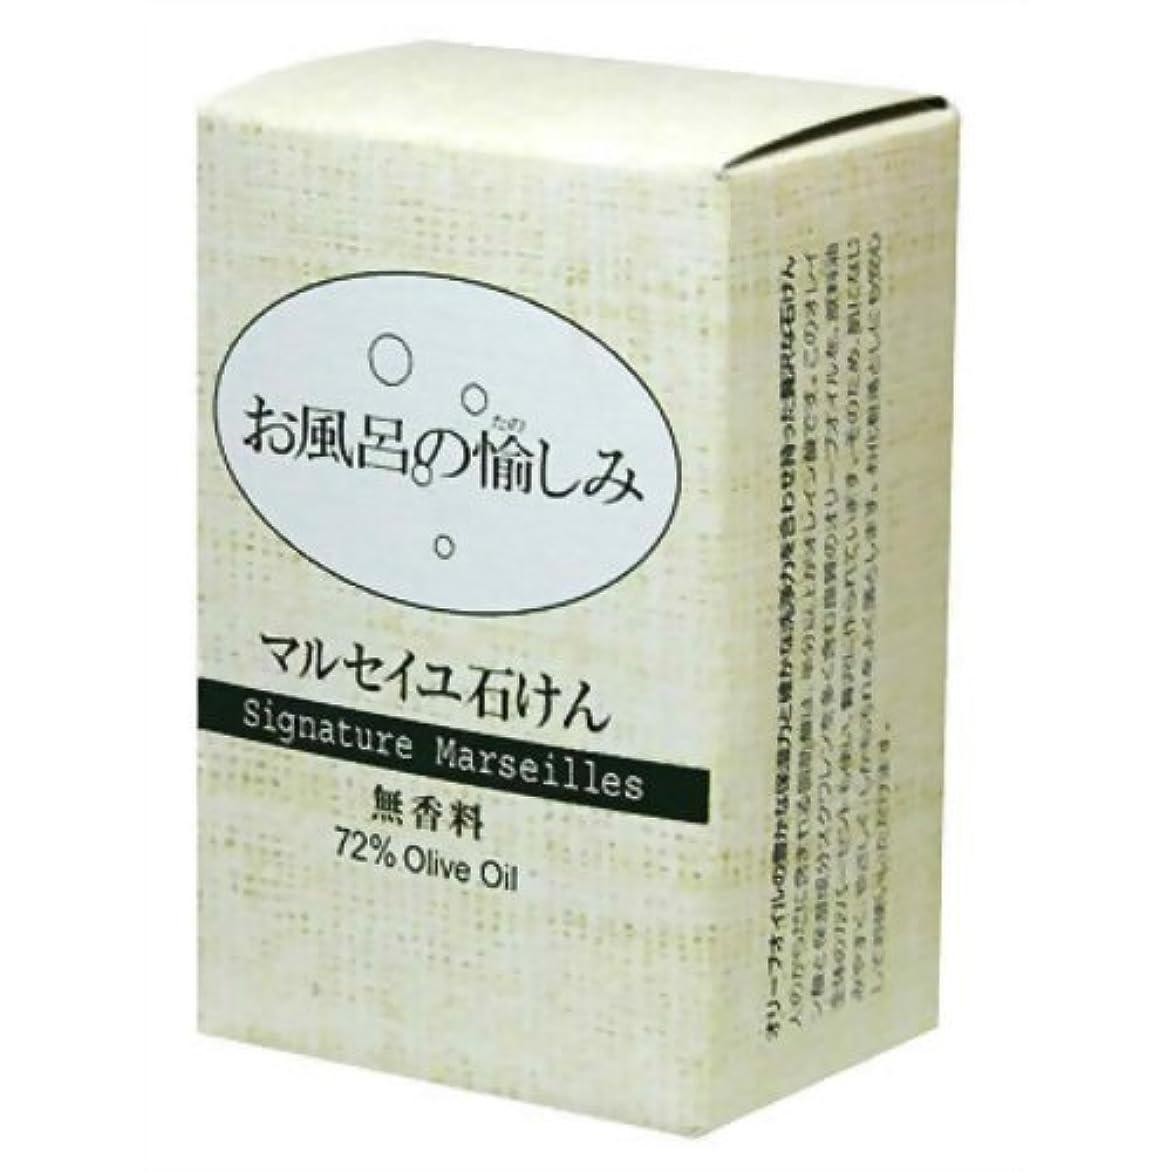 帳面例場合お風呂の愉しみ マルセイユ石鹸 (無香料)